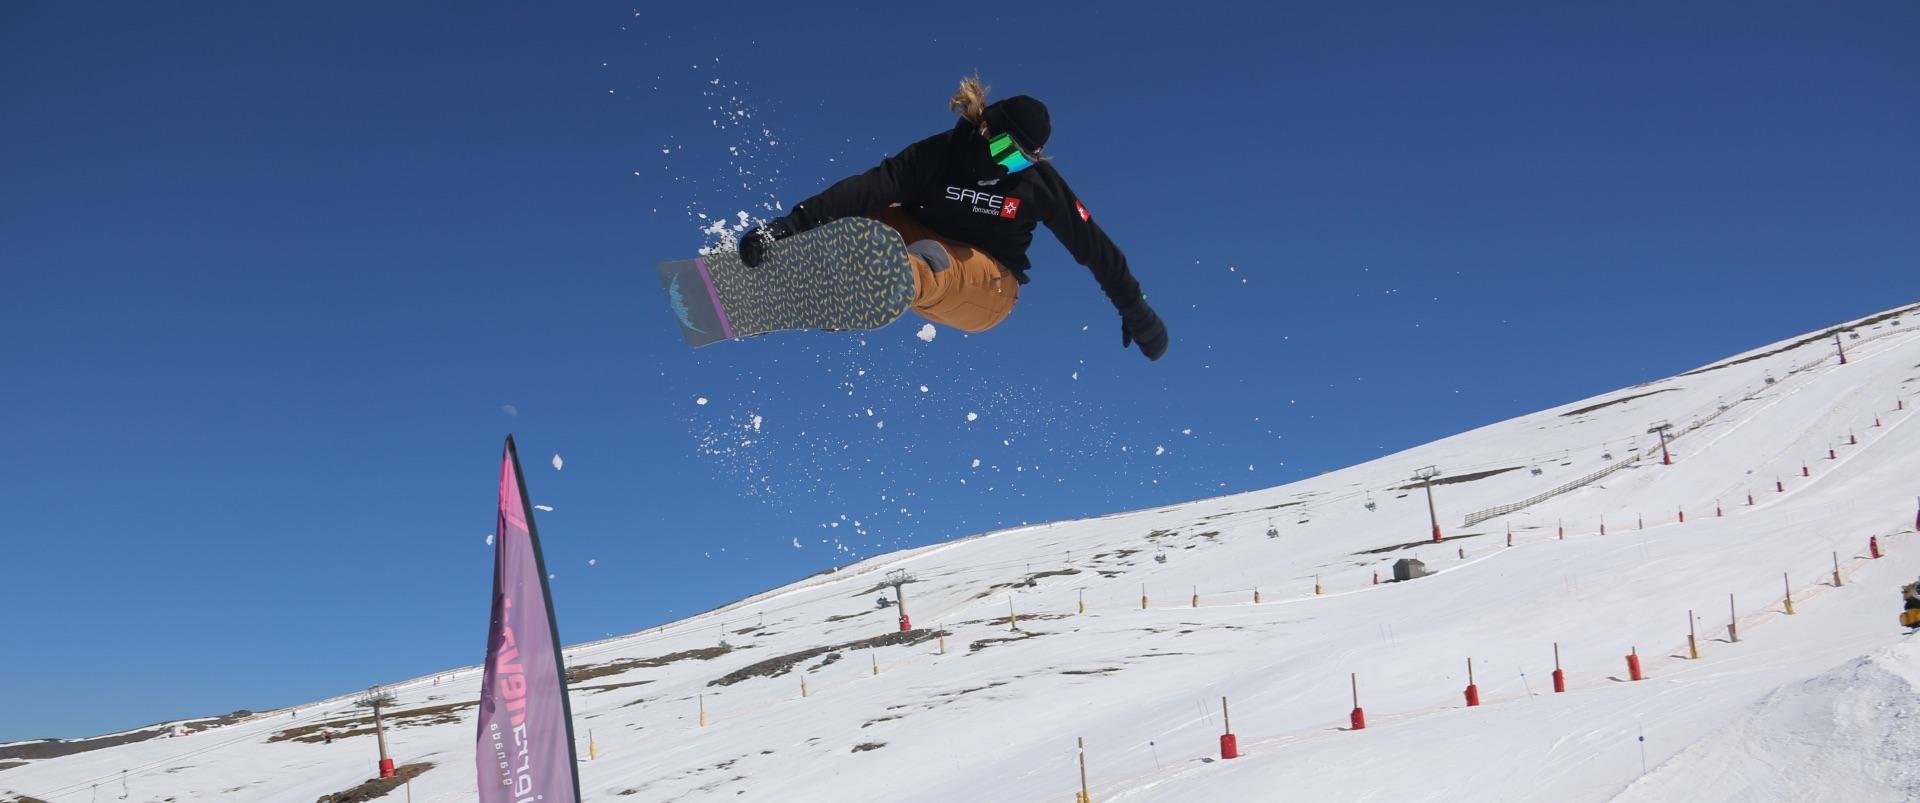 safe-formacion-tecnicos-deportivos-snowboard-1